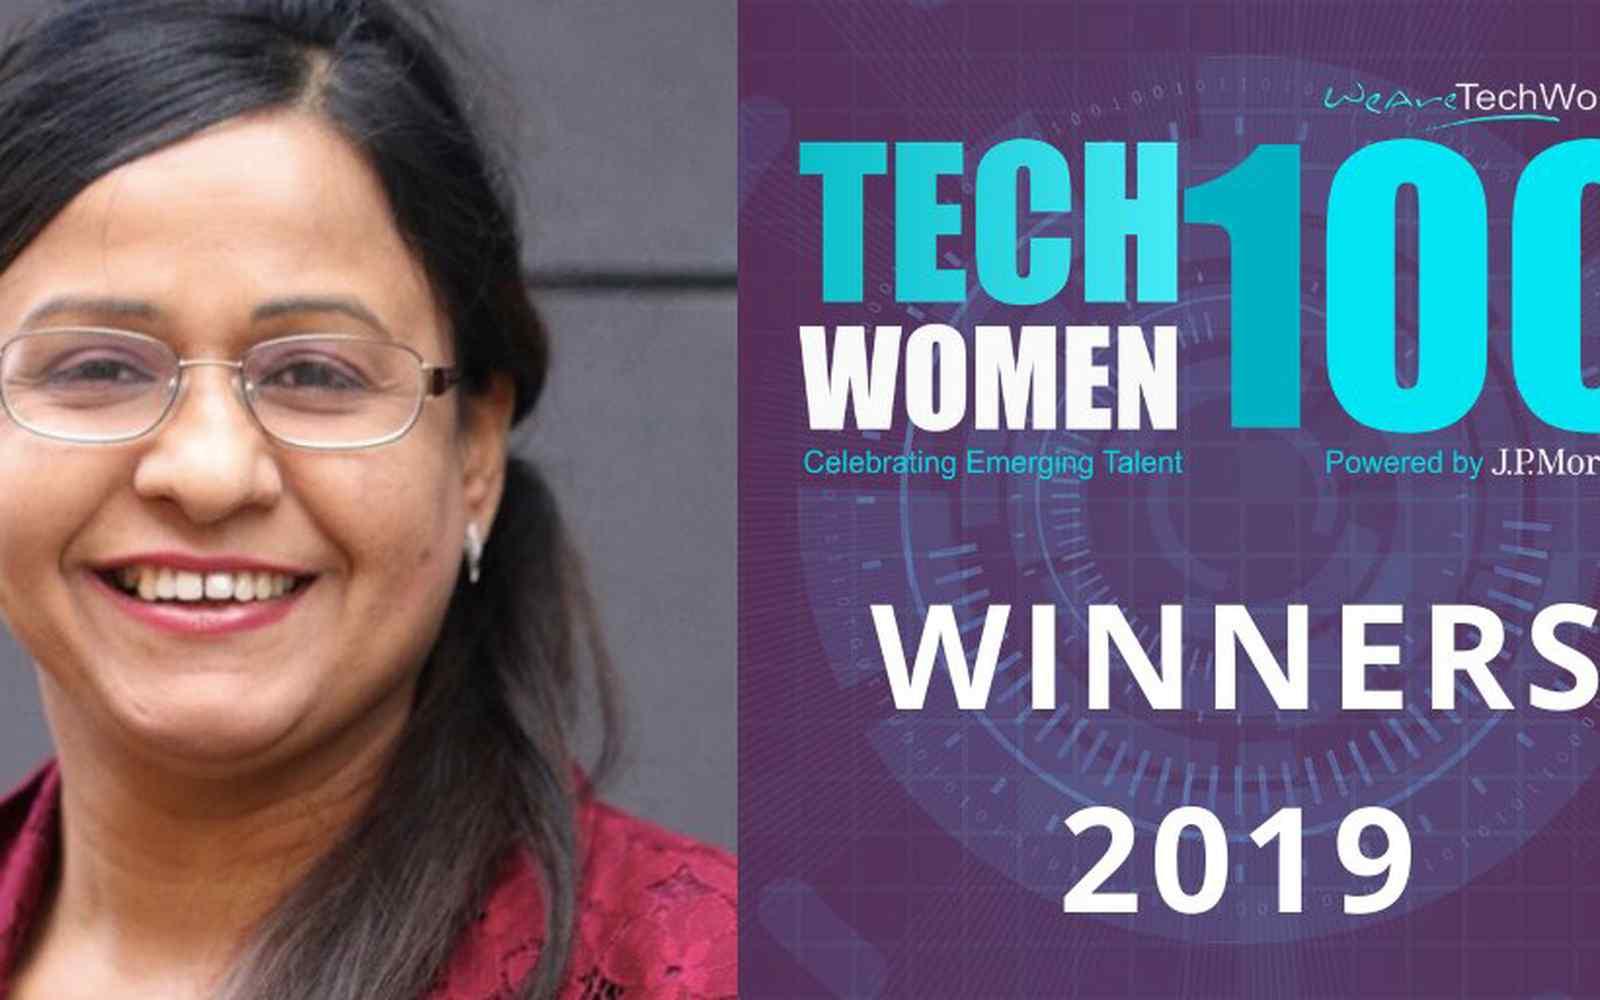 A portrait of Dr Kulvinder Panesar with Tech Women 100 branding